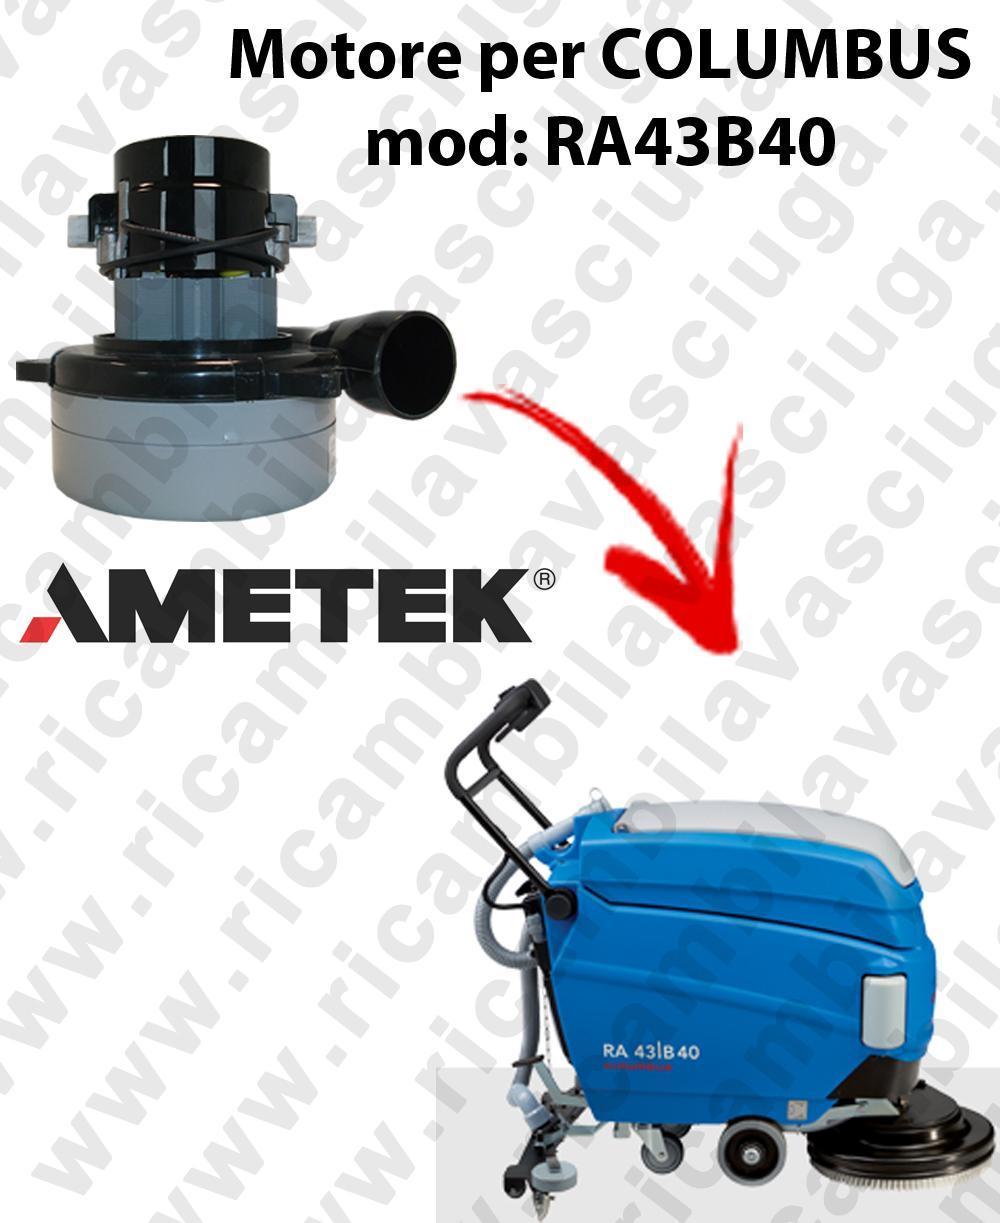 RA43B40 LAMB AMETEK vacuum motor for scrubber dryer COLUMBUS